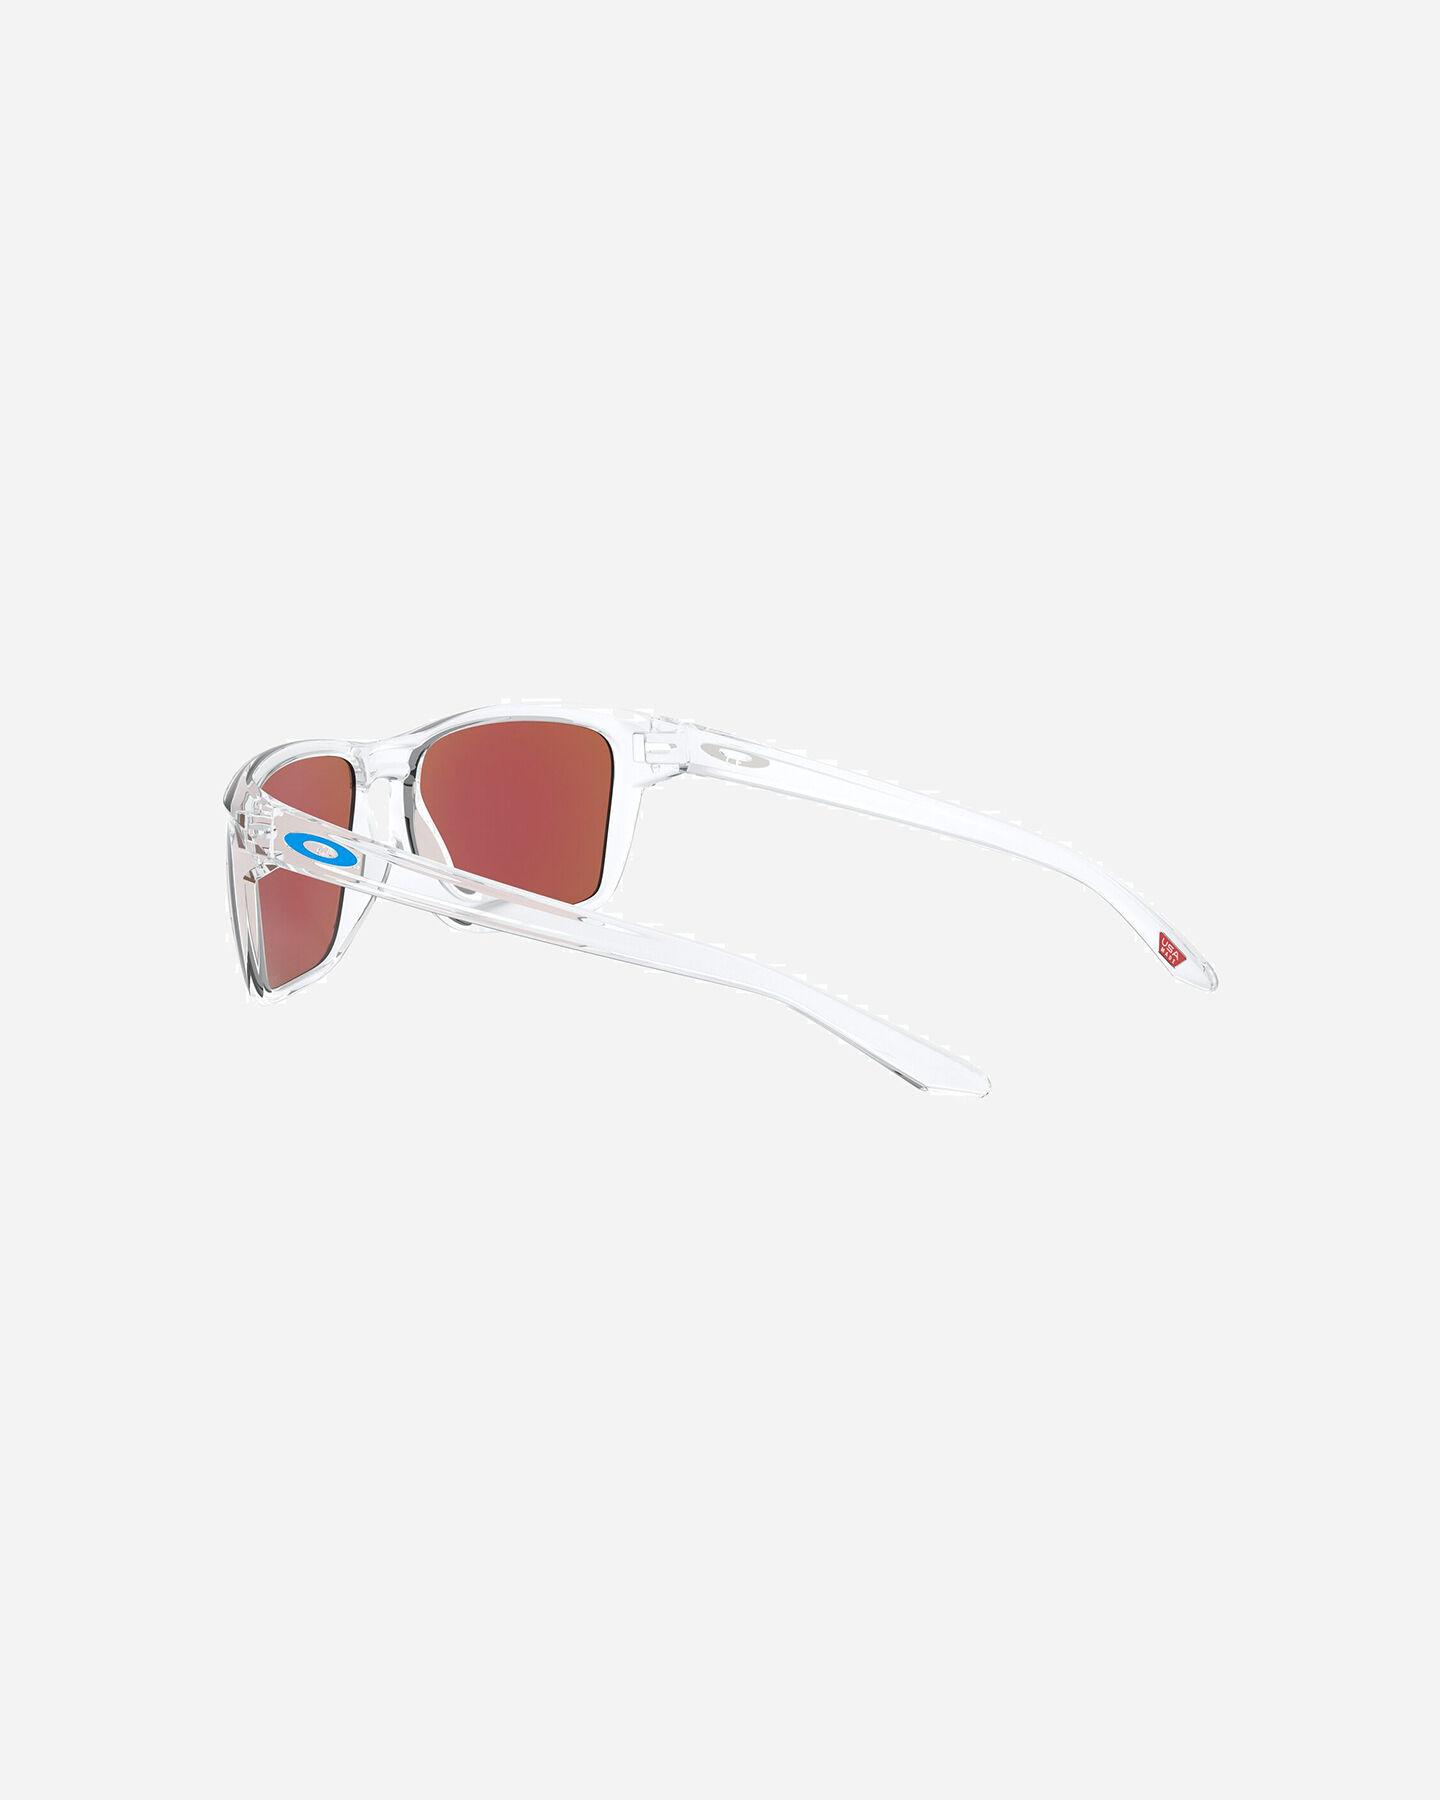 Occhiali OAKLEY SYLAS S5221236|0457|57 scatto 4